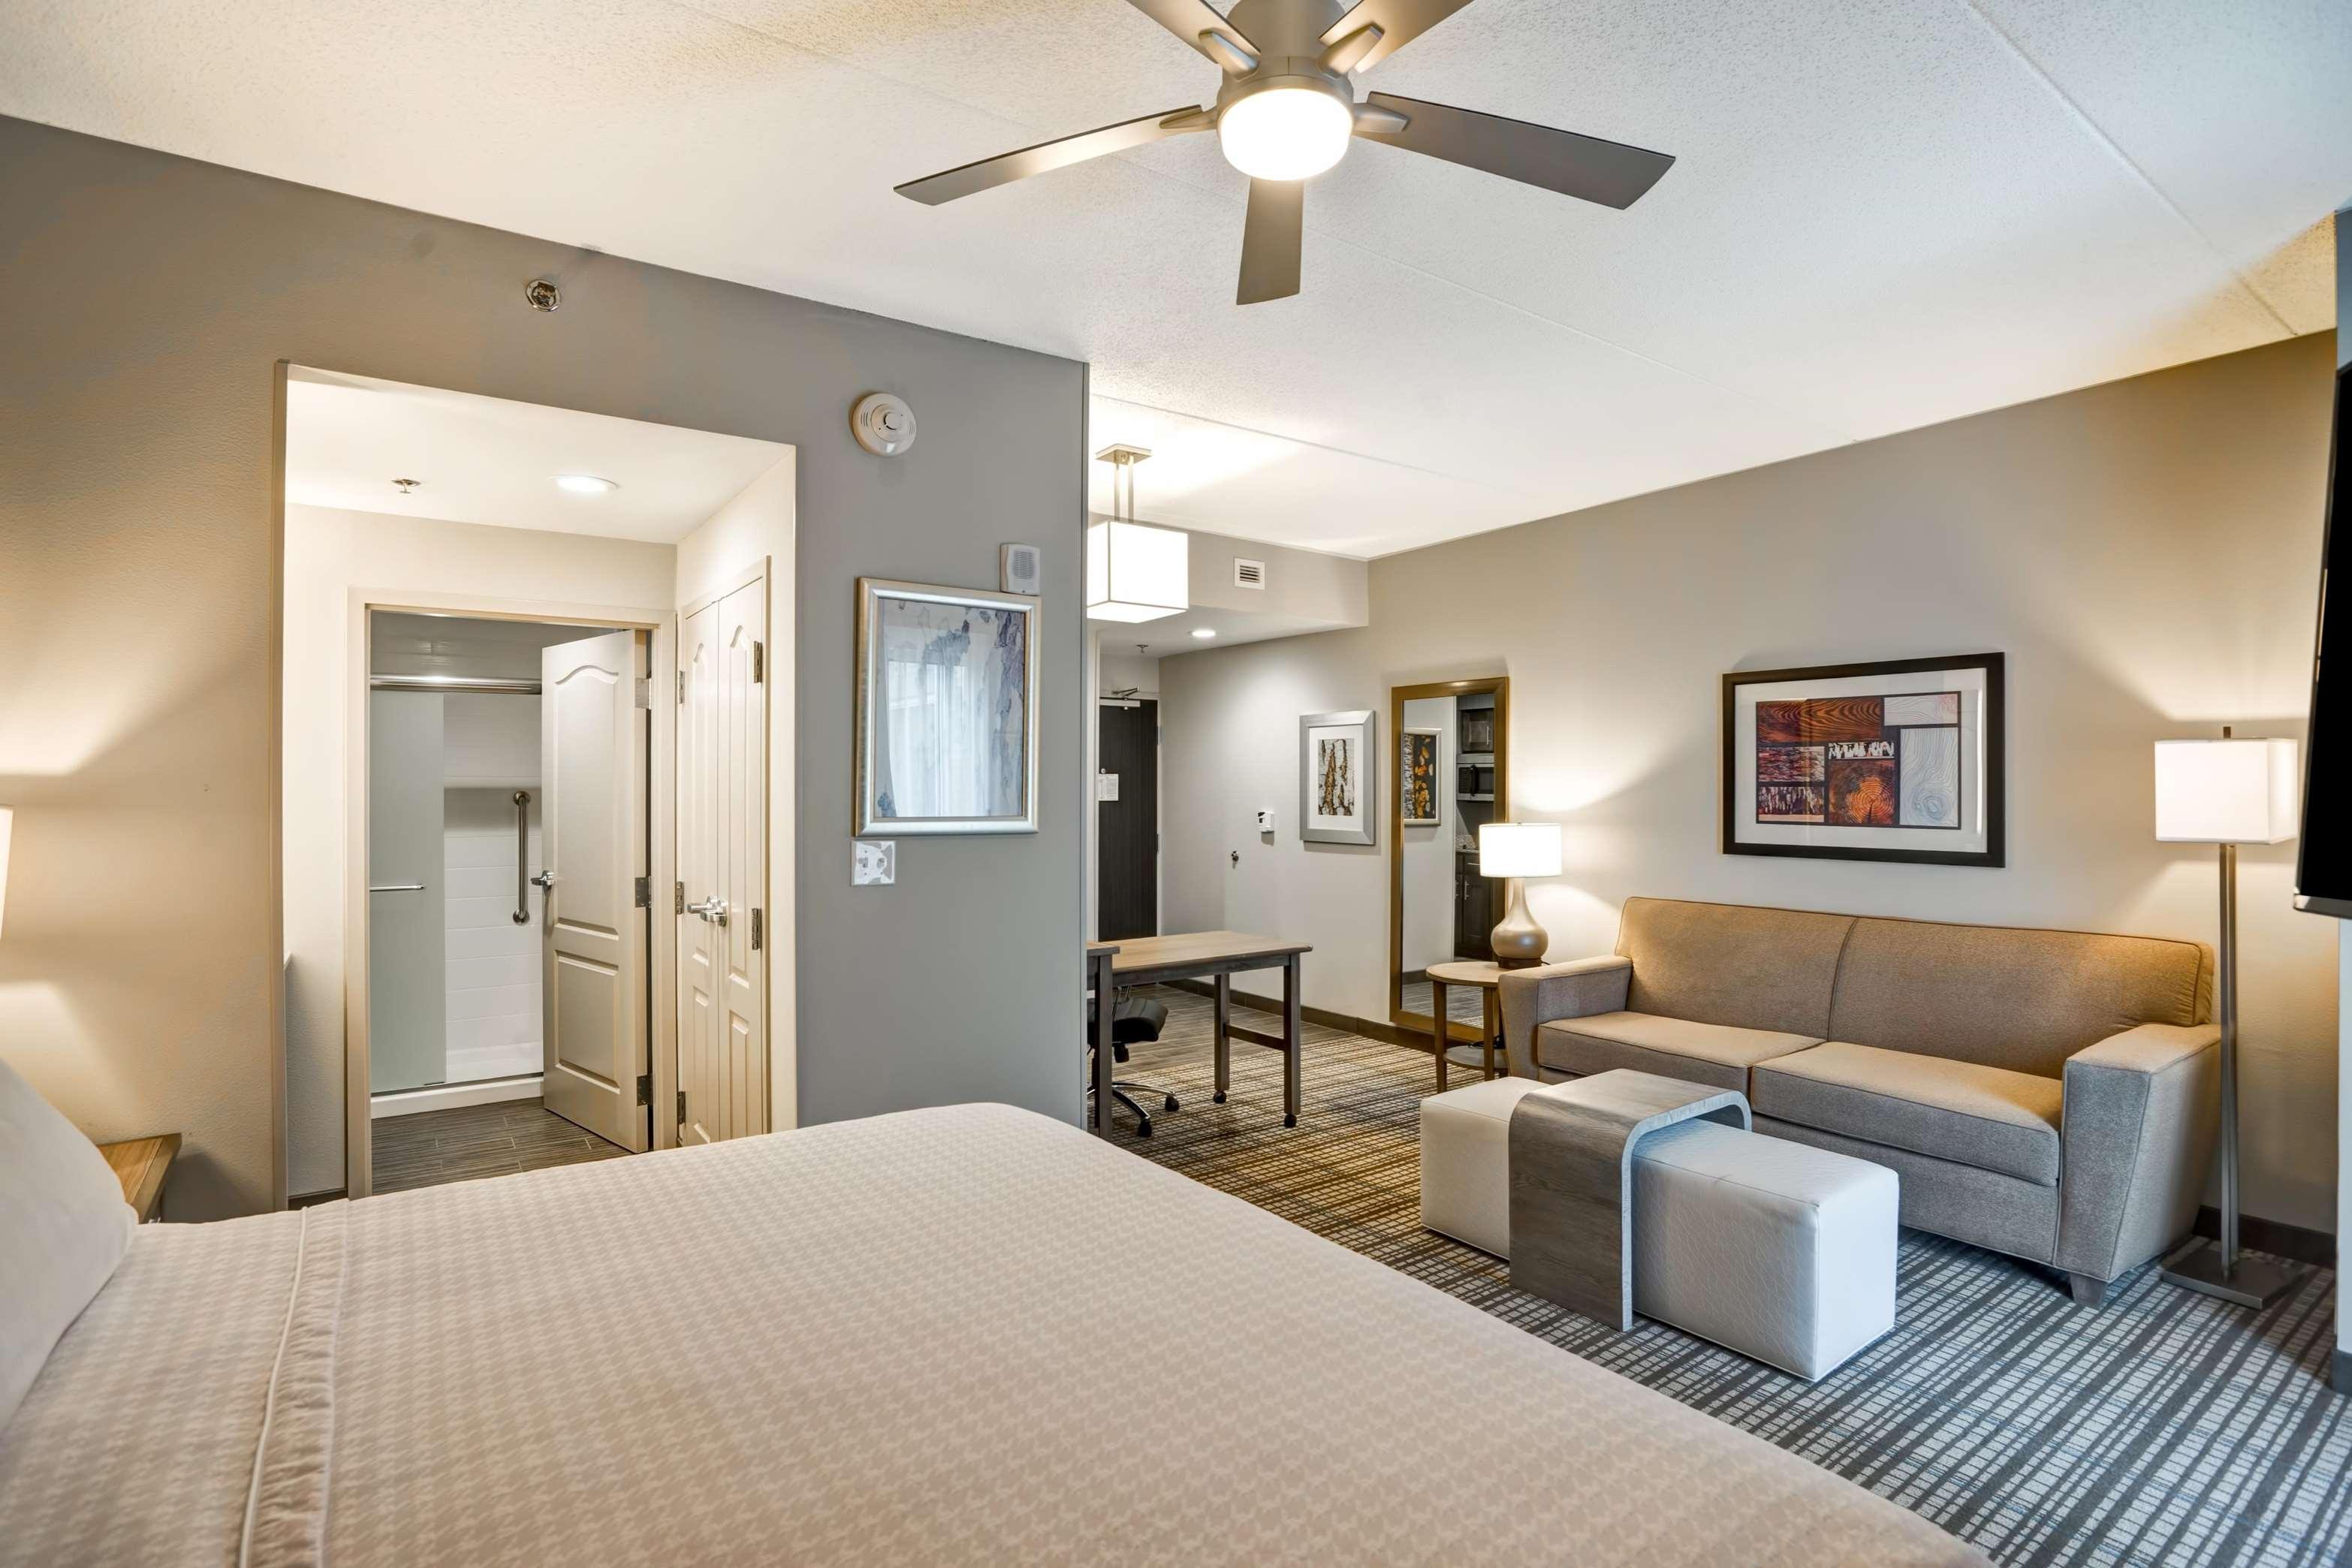 Homewood Suites by Hilton Nashville Franklin Cool Springs image 13